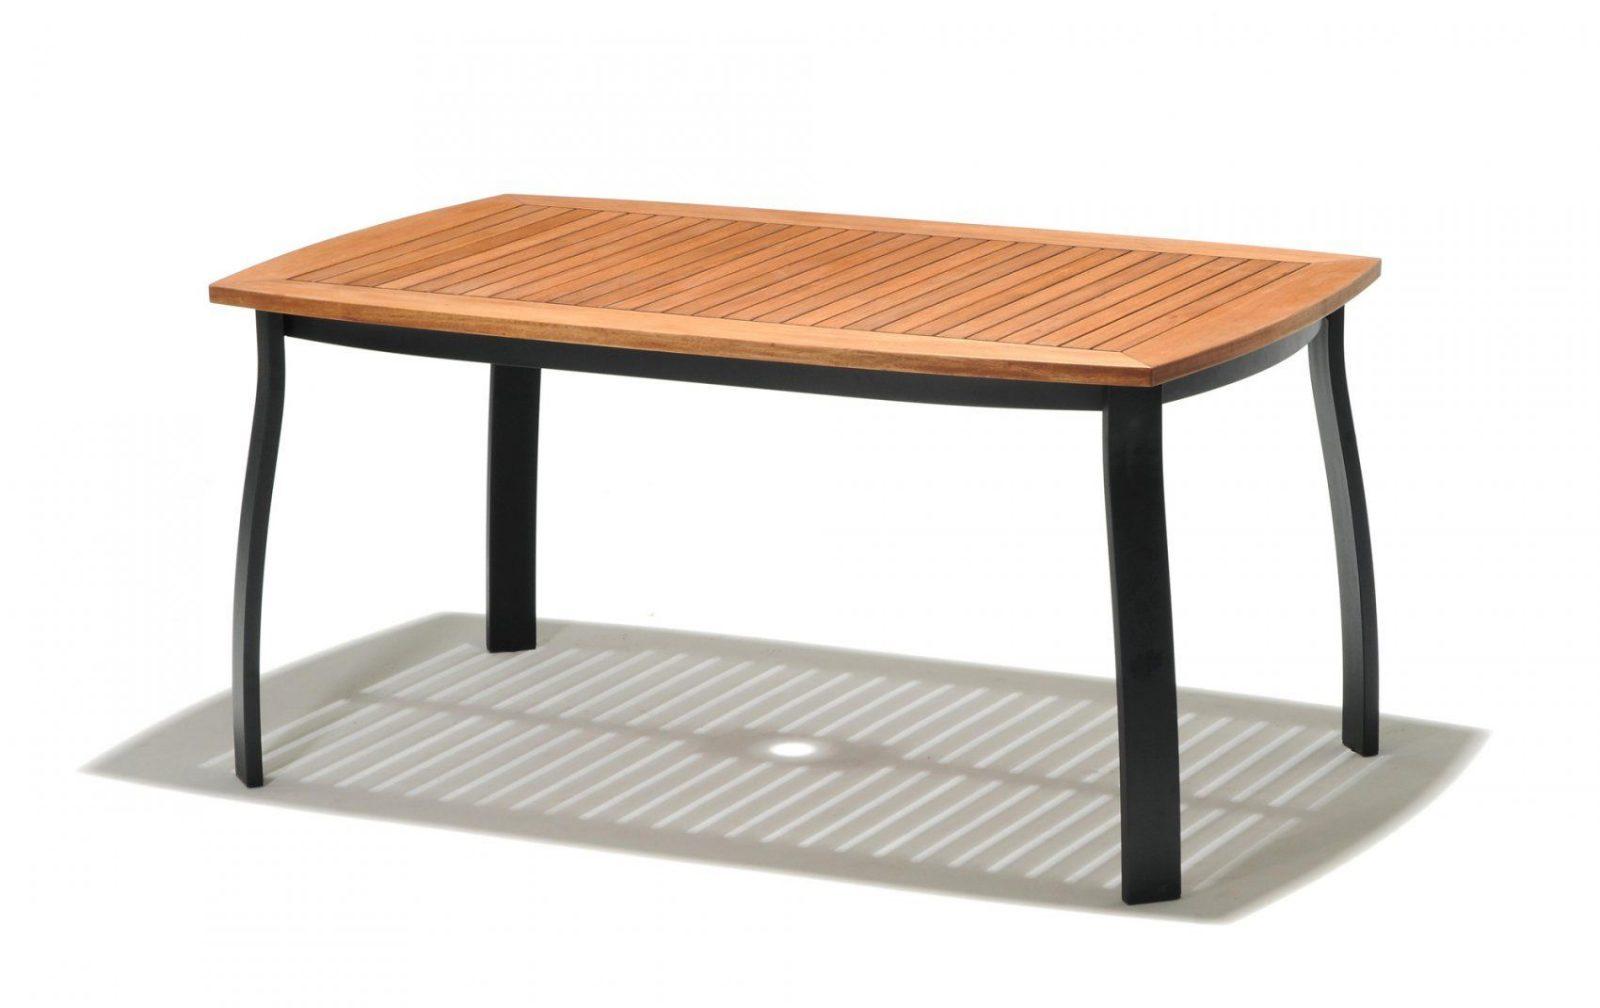 Holz Gartentisch Awesome Divero Gartentisch Balkontisch Tisch von Alu Gartentisch Mit Holzplatte Bild